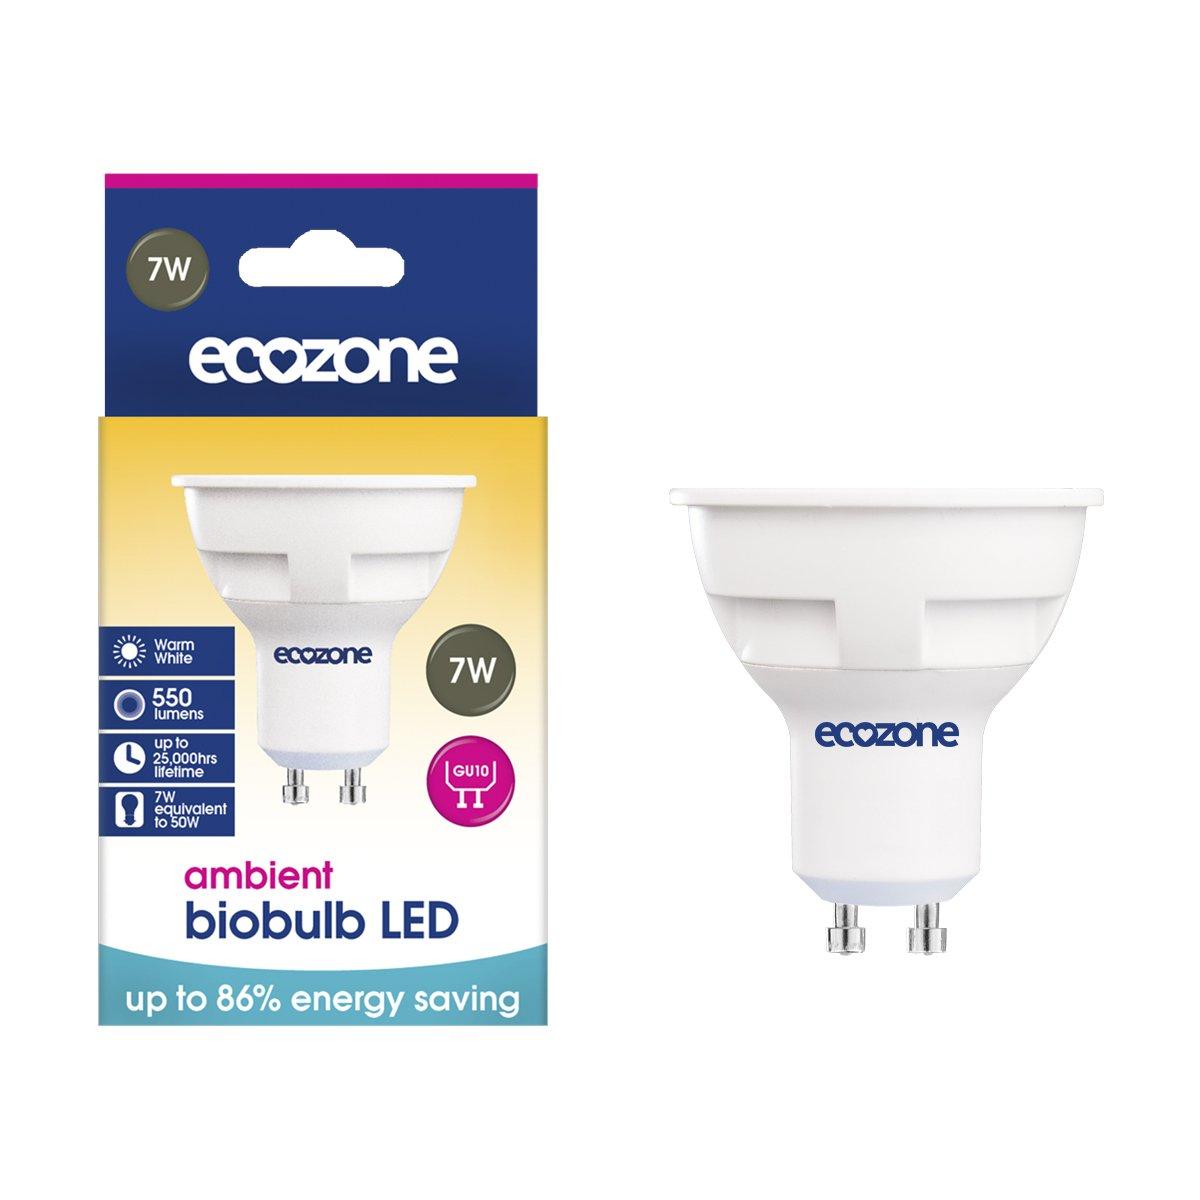 Ecozone LED Bio Bulb, Energy Saving, GU10 Fitting, Warm White, 7W Equivalent to 50W, 550 Lumens, 2700K Ambient, Up To 86% Energy Saving, Up To 25,000 Hours Lifetime, Energy Class A+ Ecozone Ltd BB23